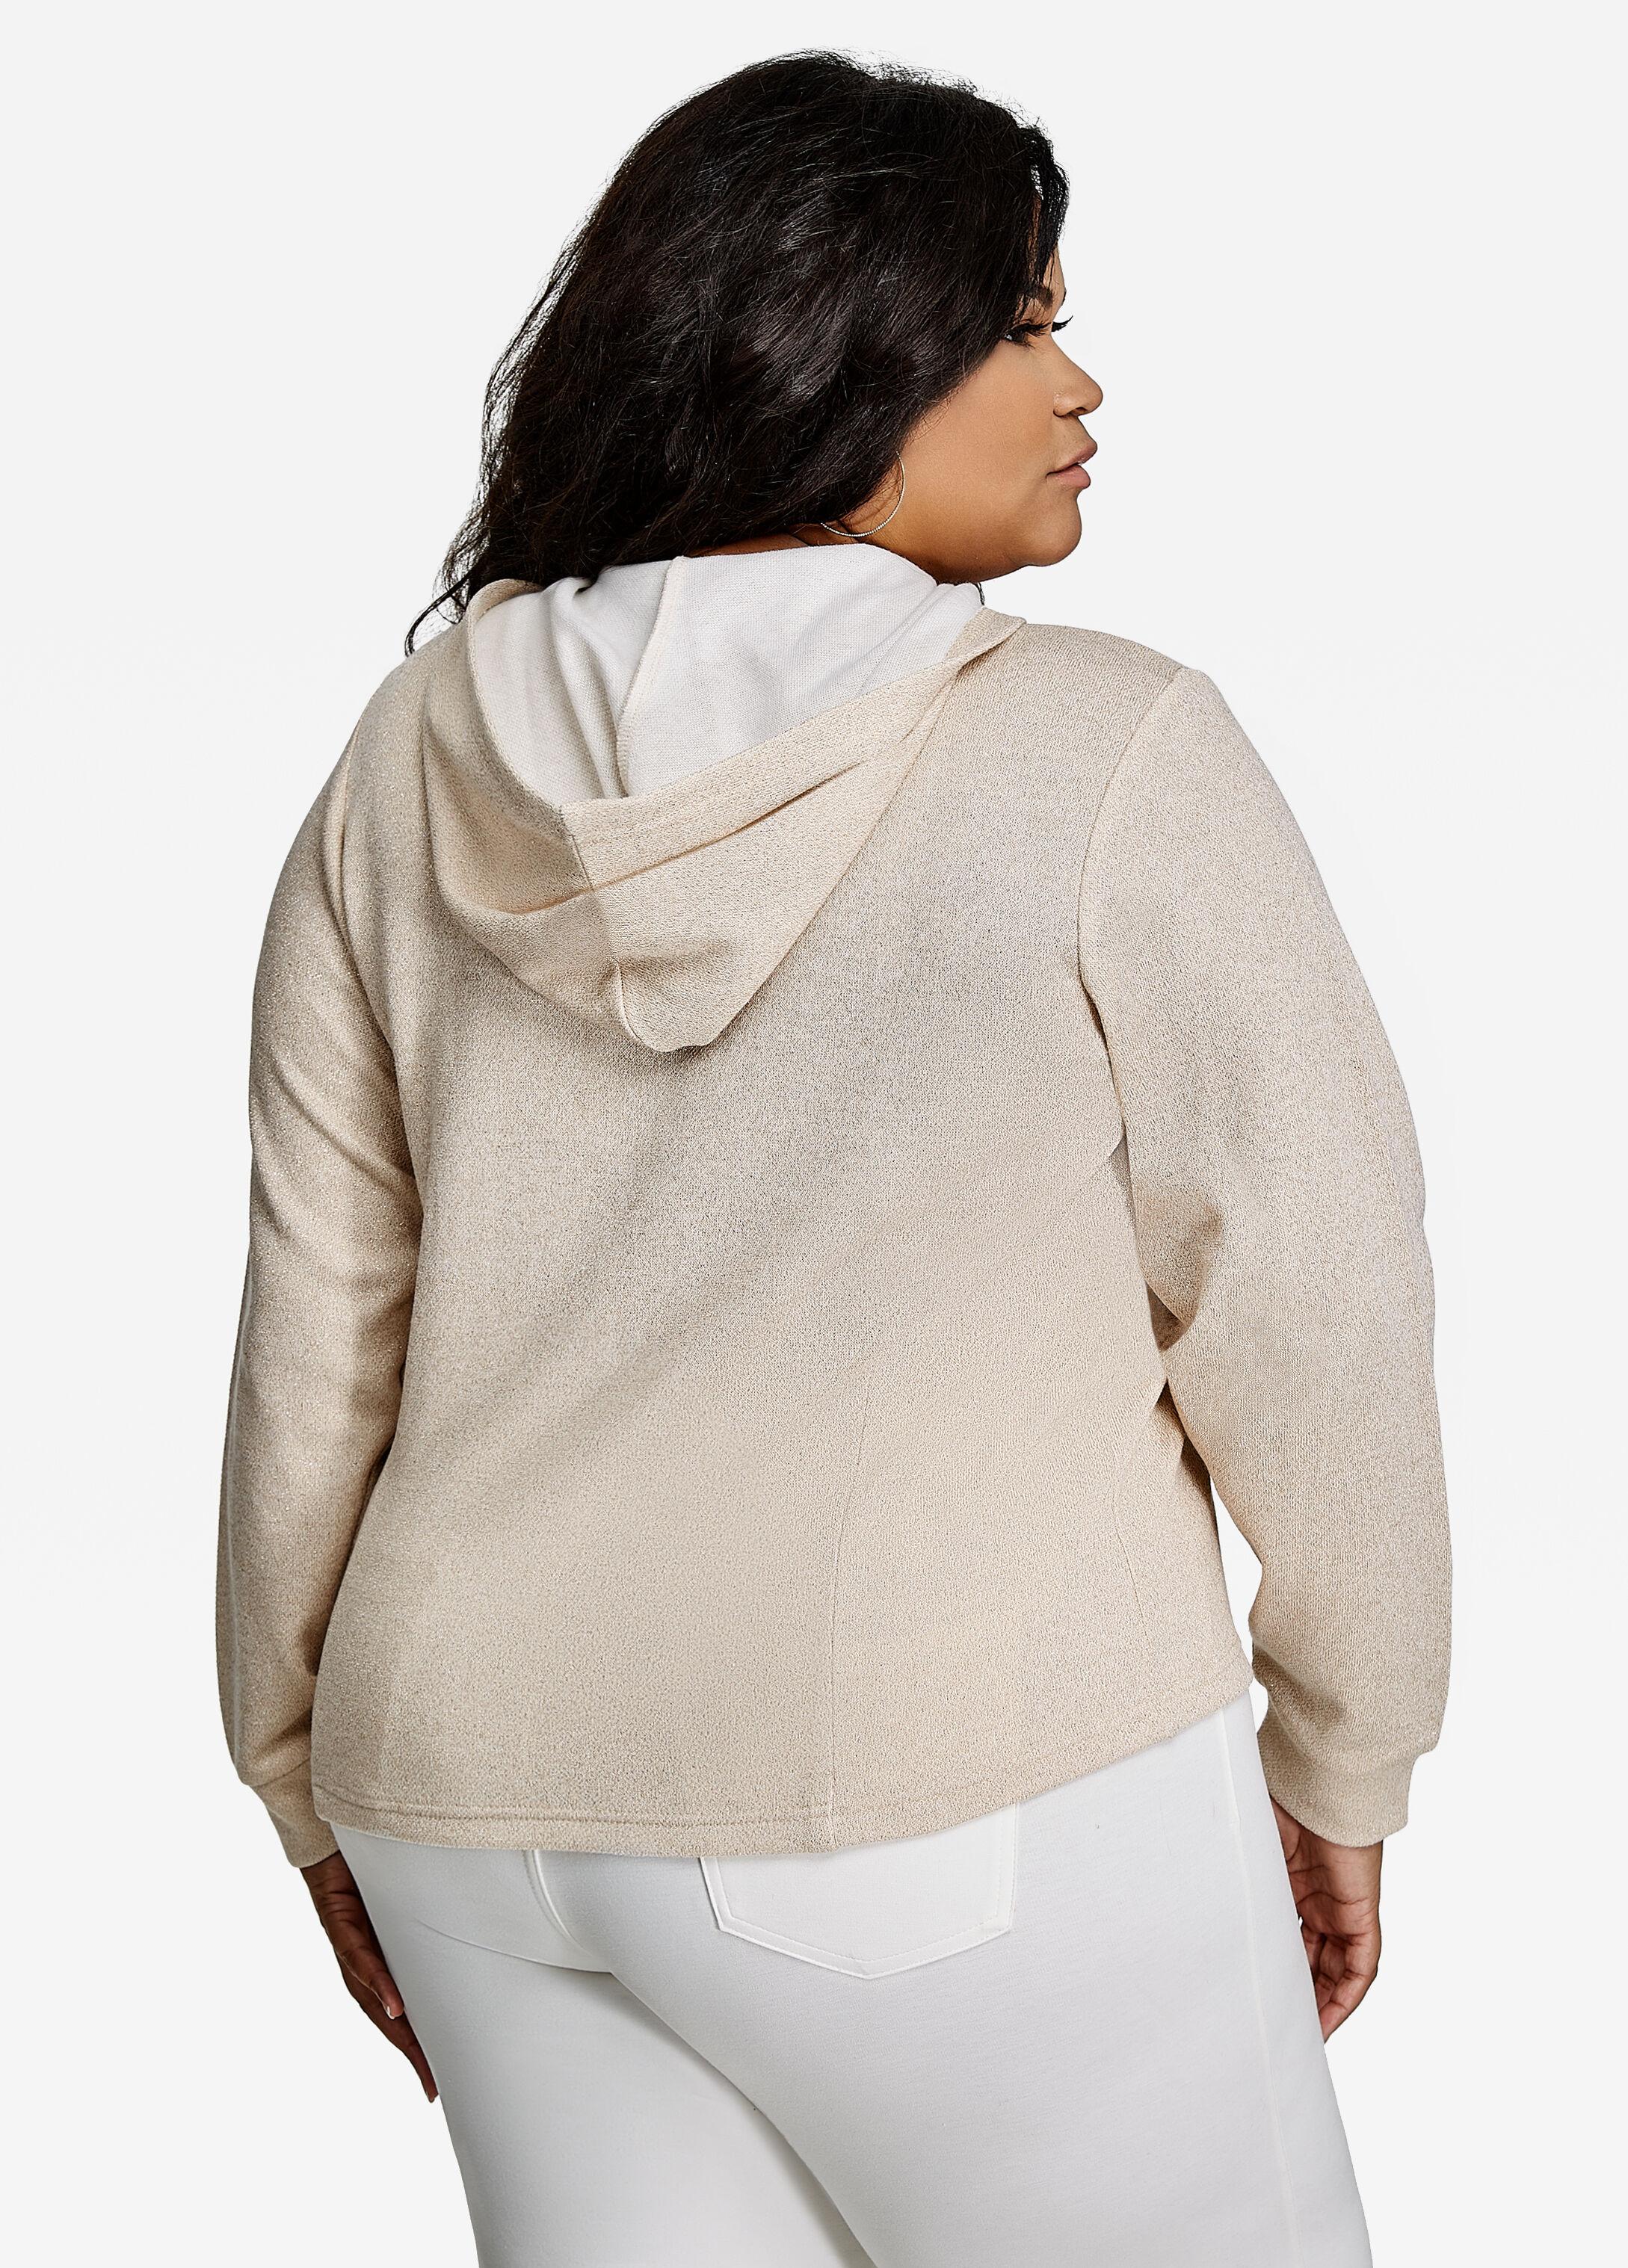 Lace Up Metallic Sweatshirt